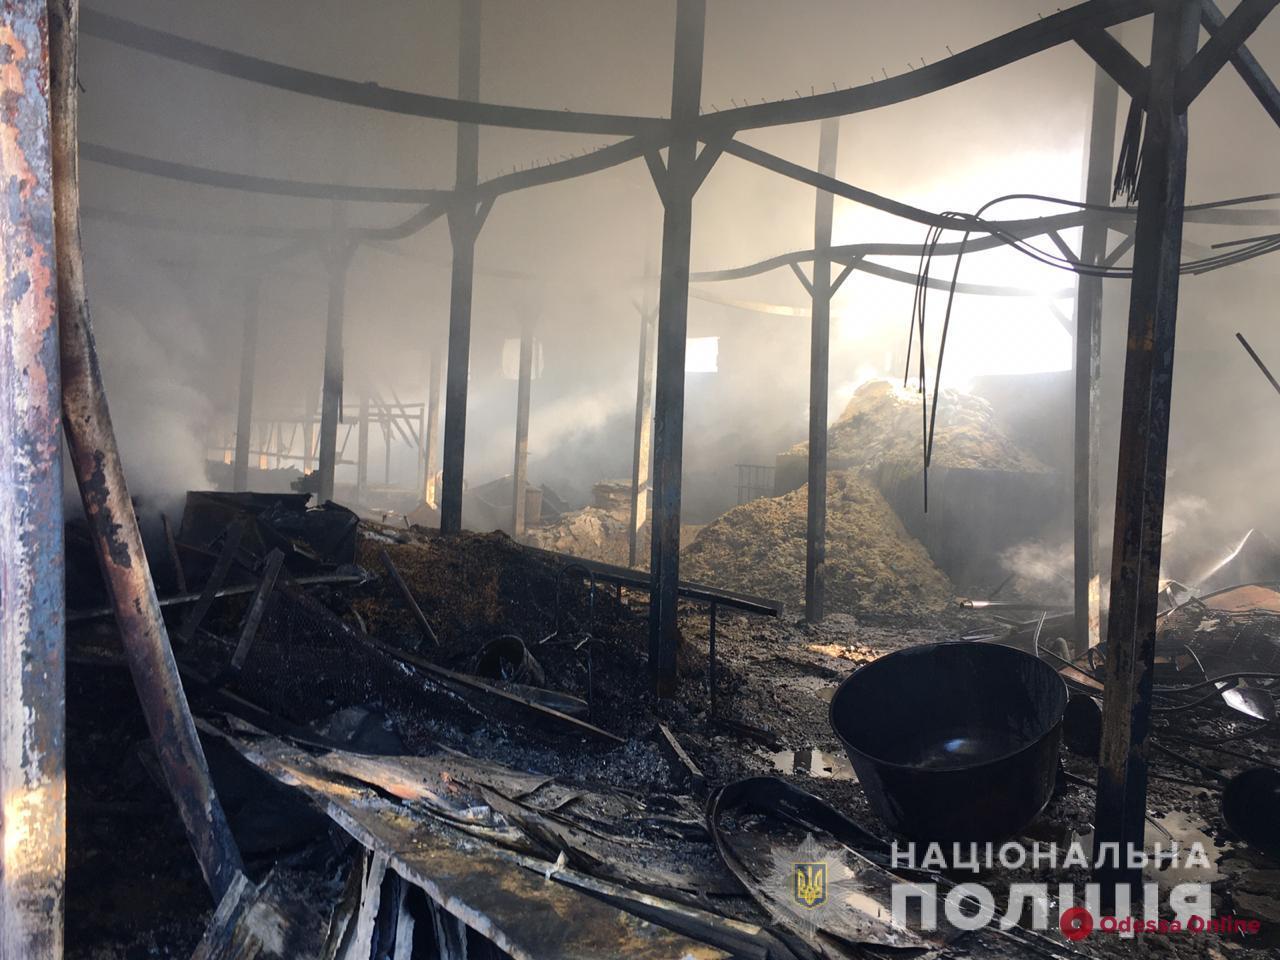 Пожар в Свято-Успенском монастыре: полиция ведет расследование по факту поджога